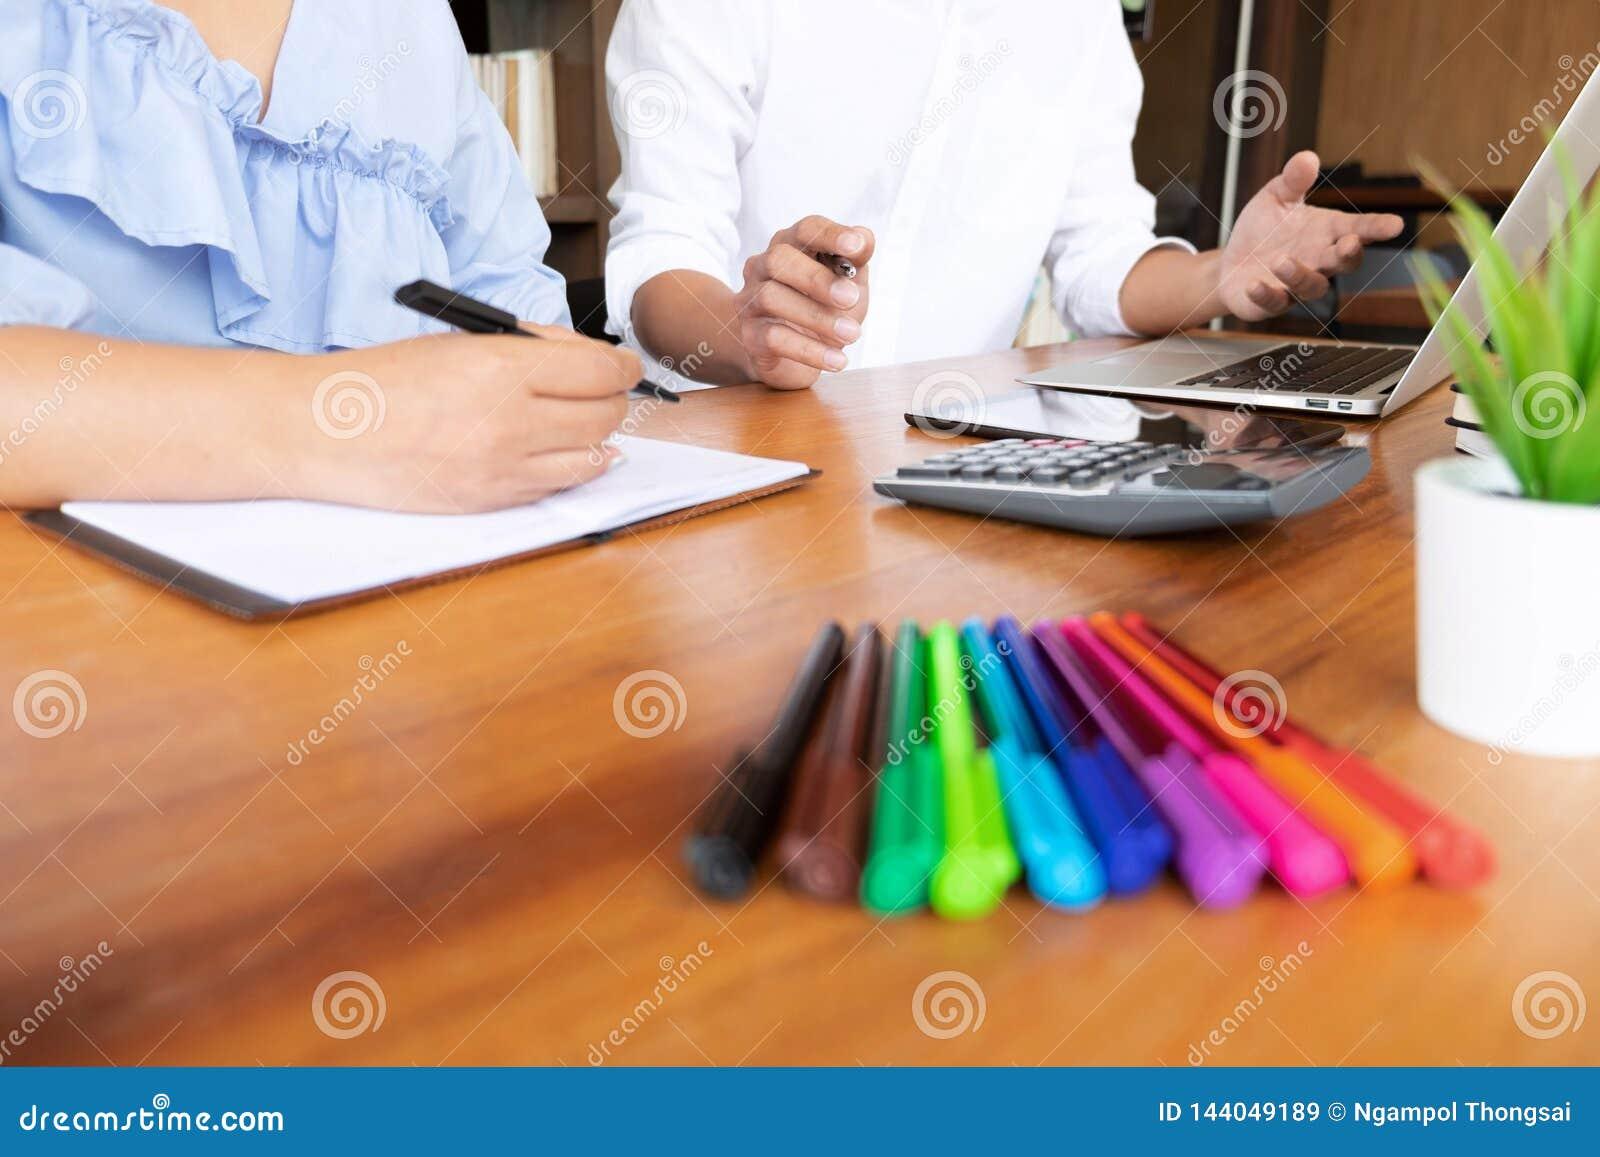 Handleda och att lära, utbildning, grupp av ungdomarsom lär studera kurs i arkiv under att hjälpa undervisa vänutbildning